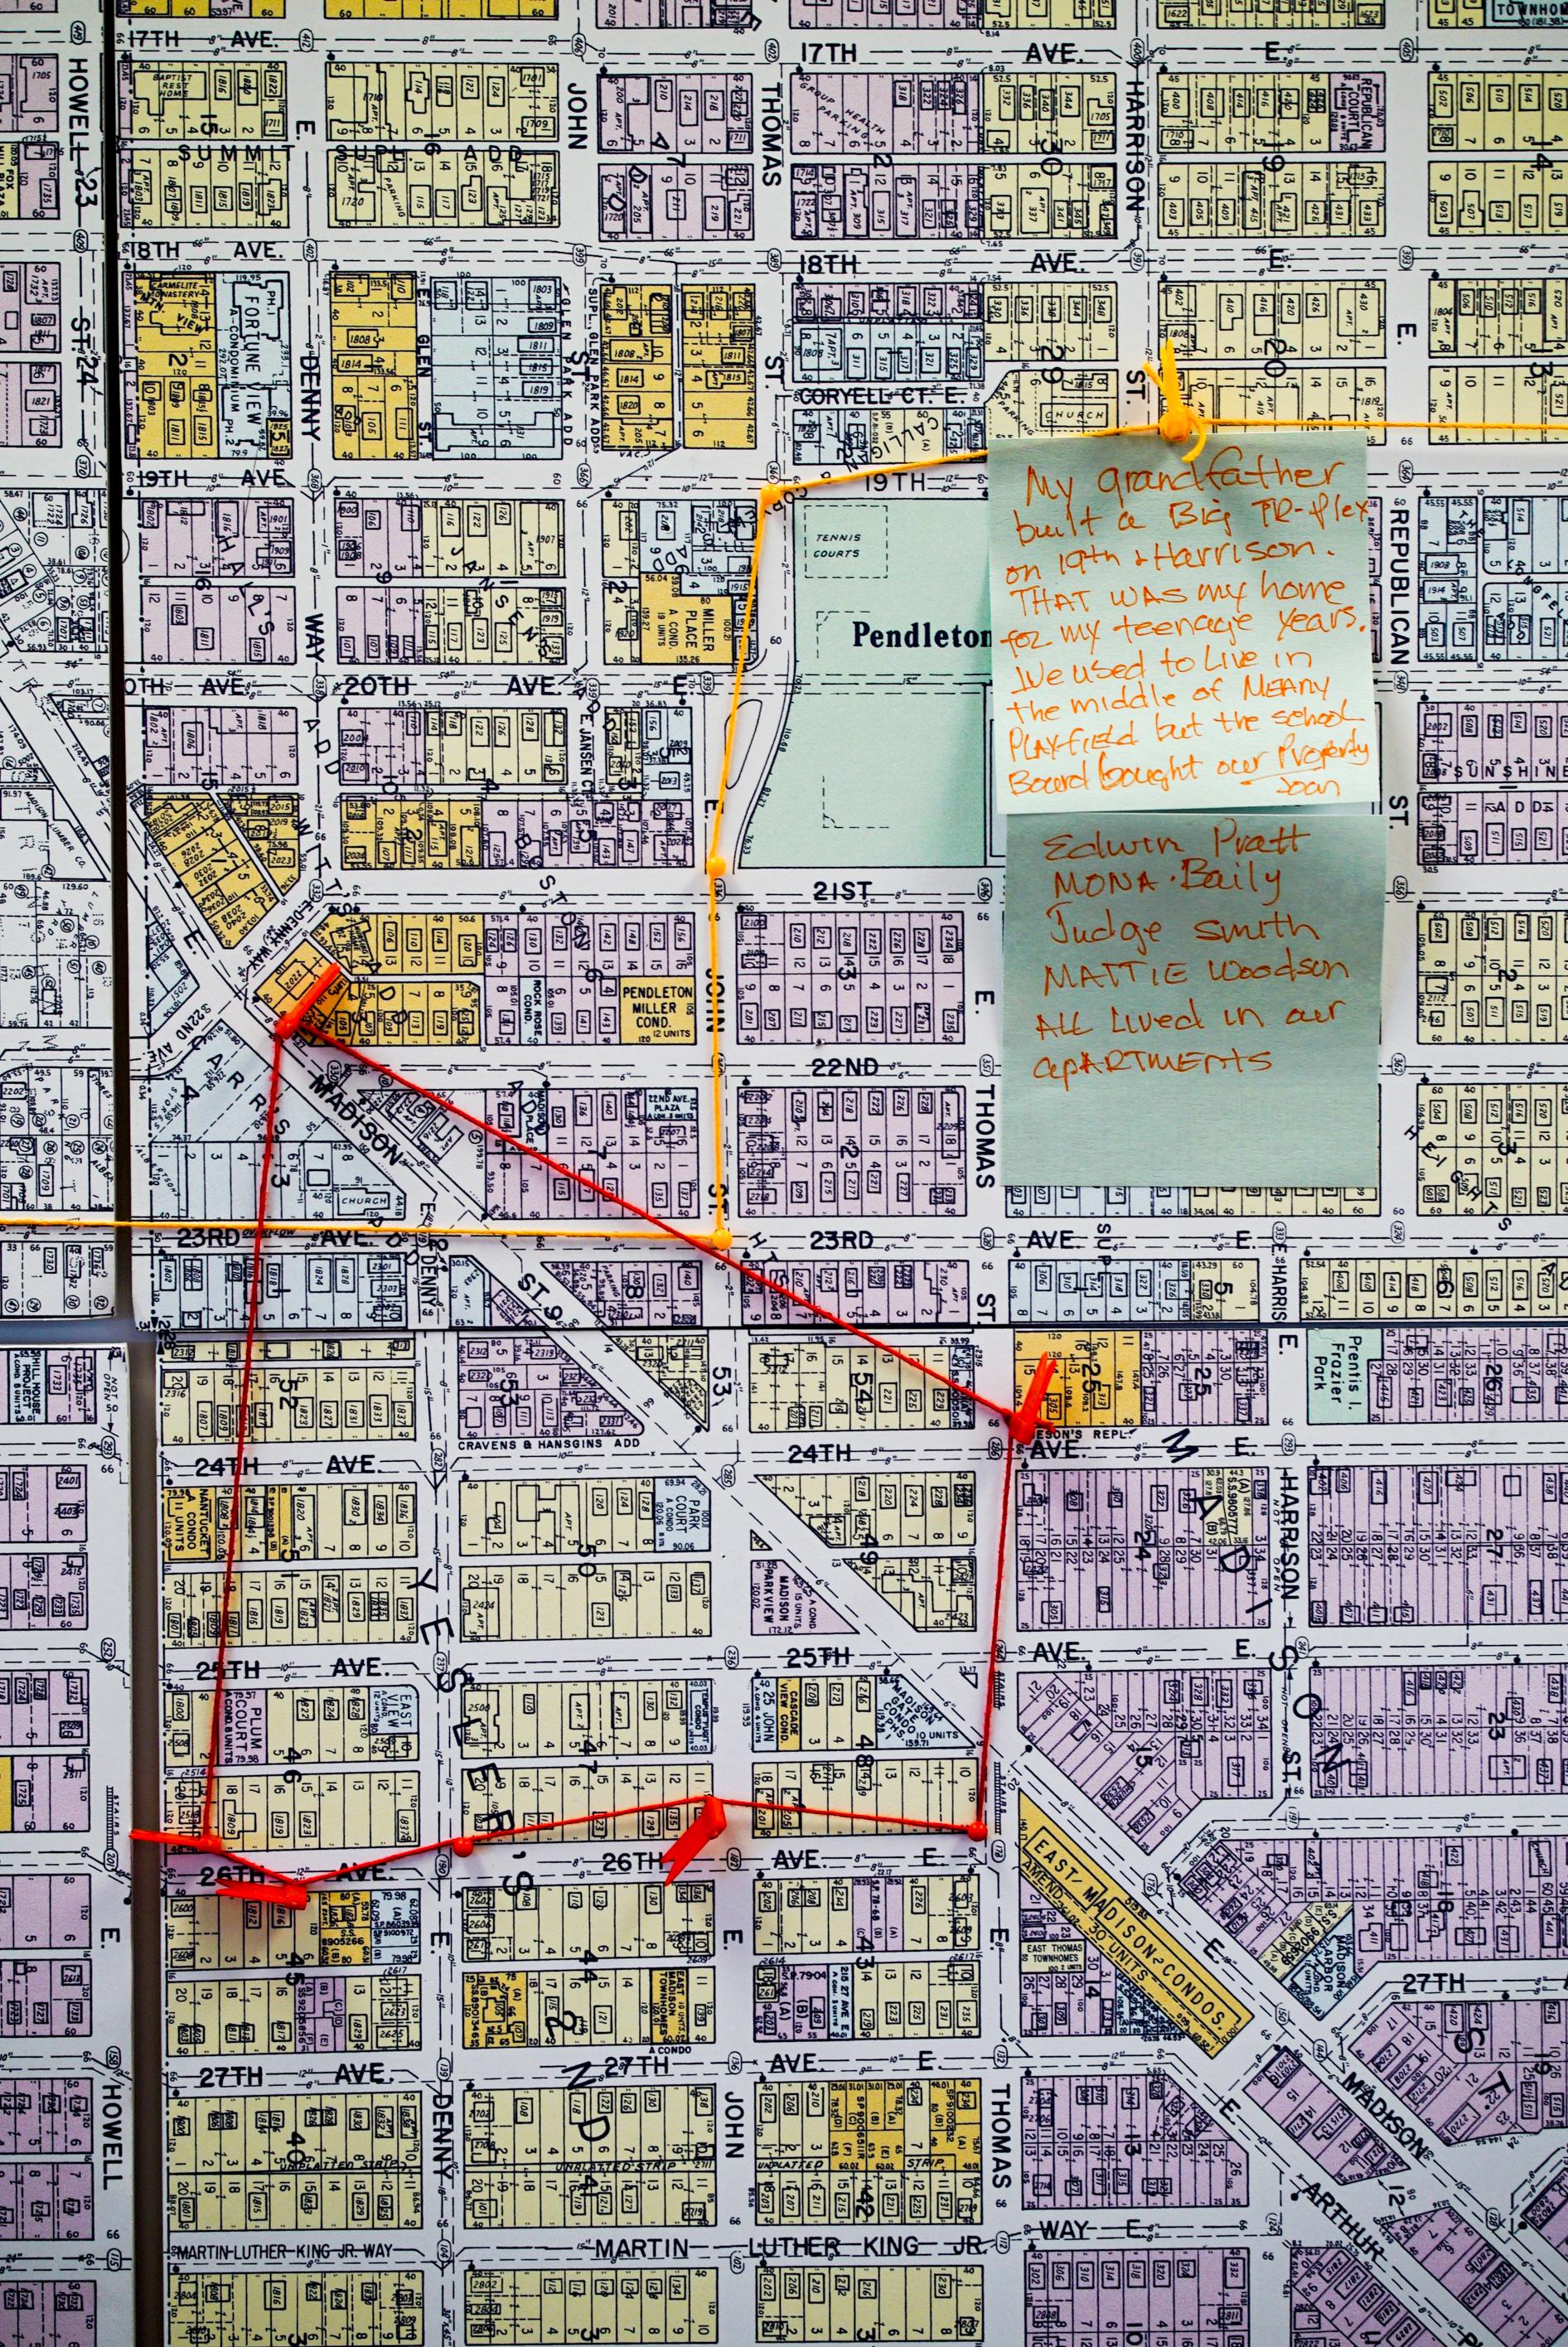 Living Room Maps.jpg